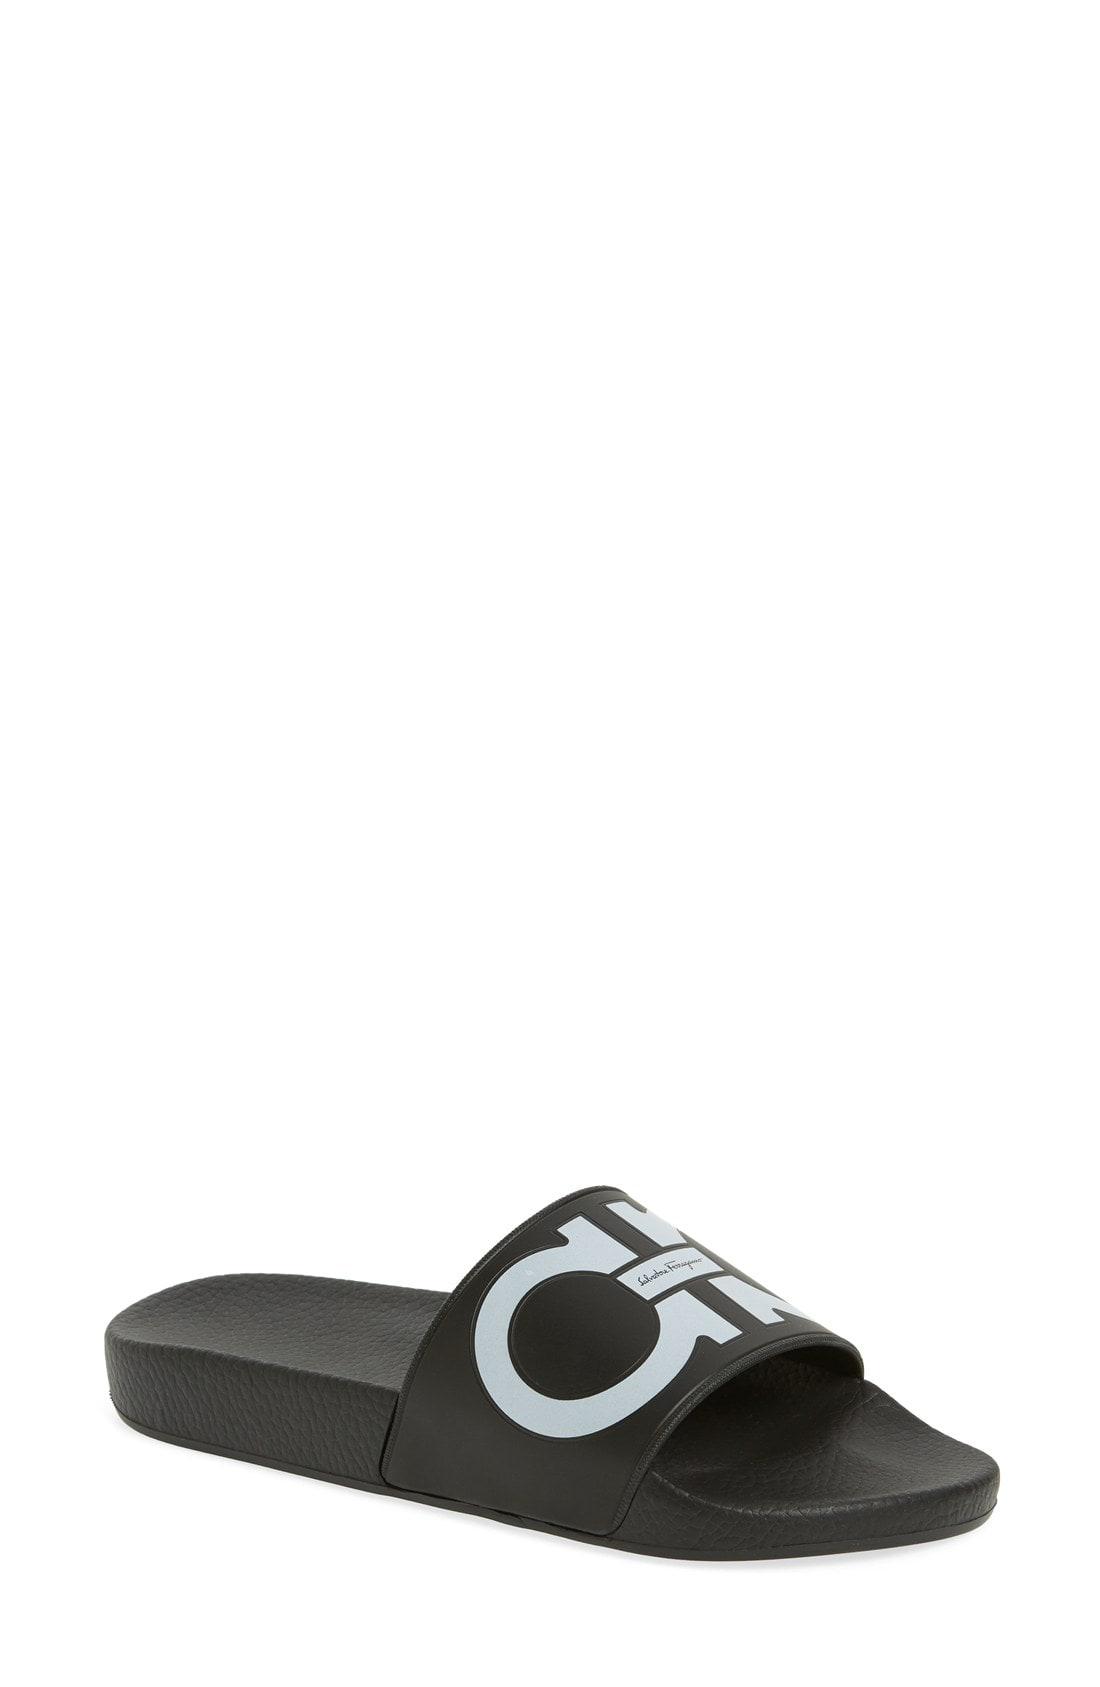 fae58e63be82 Salvatore Ferragamo Women s Groove Pool Slide Sandals In Black  White